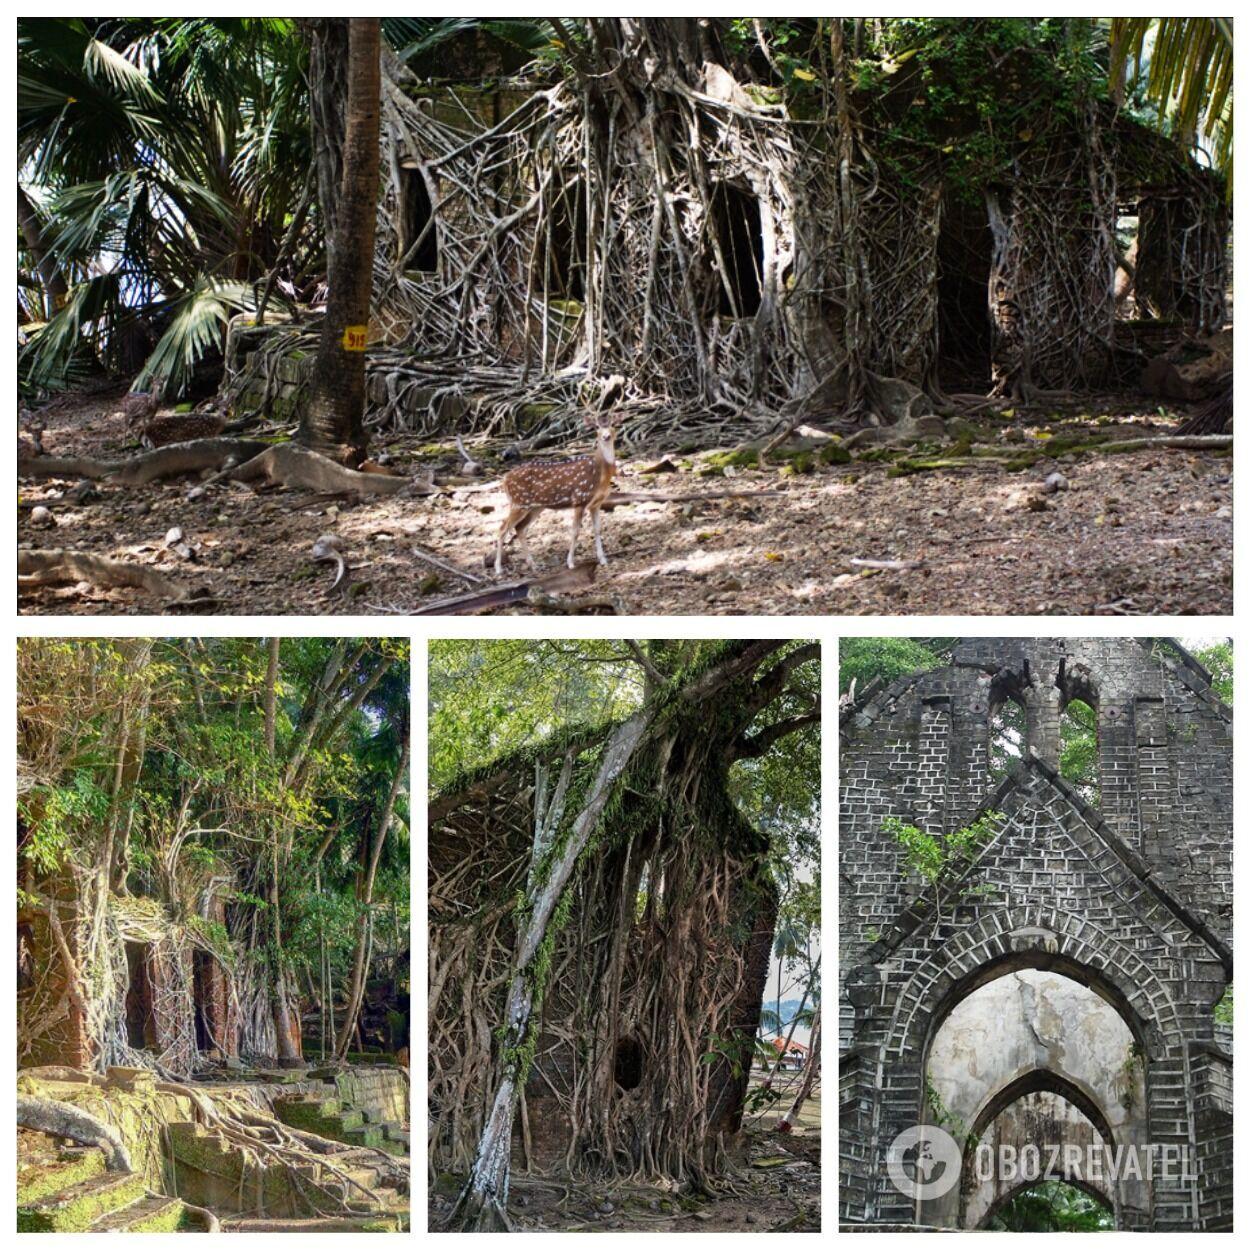 Остров Росс находится недалеко от столицы Андаманских островов в Индии